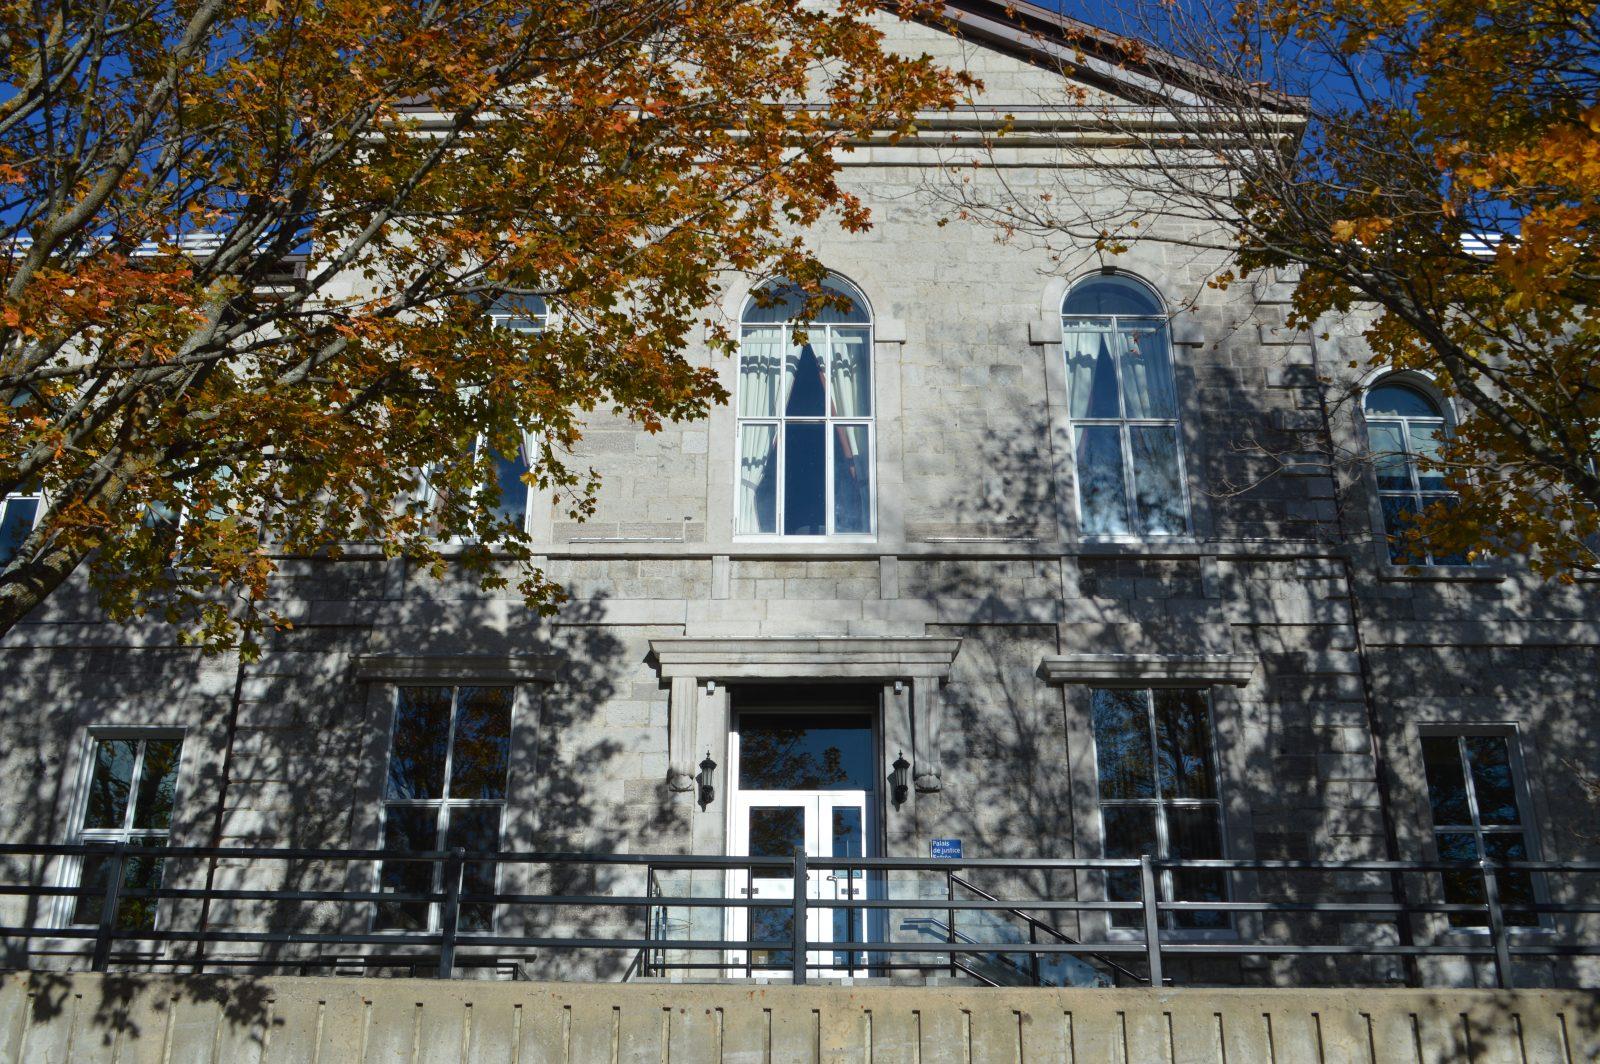 Délit de fuite ayant causé la mort à Saint-Urbain : procès pour Guillaume Dufour en décembre